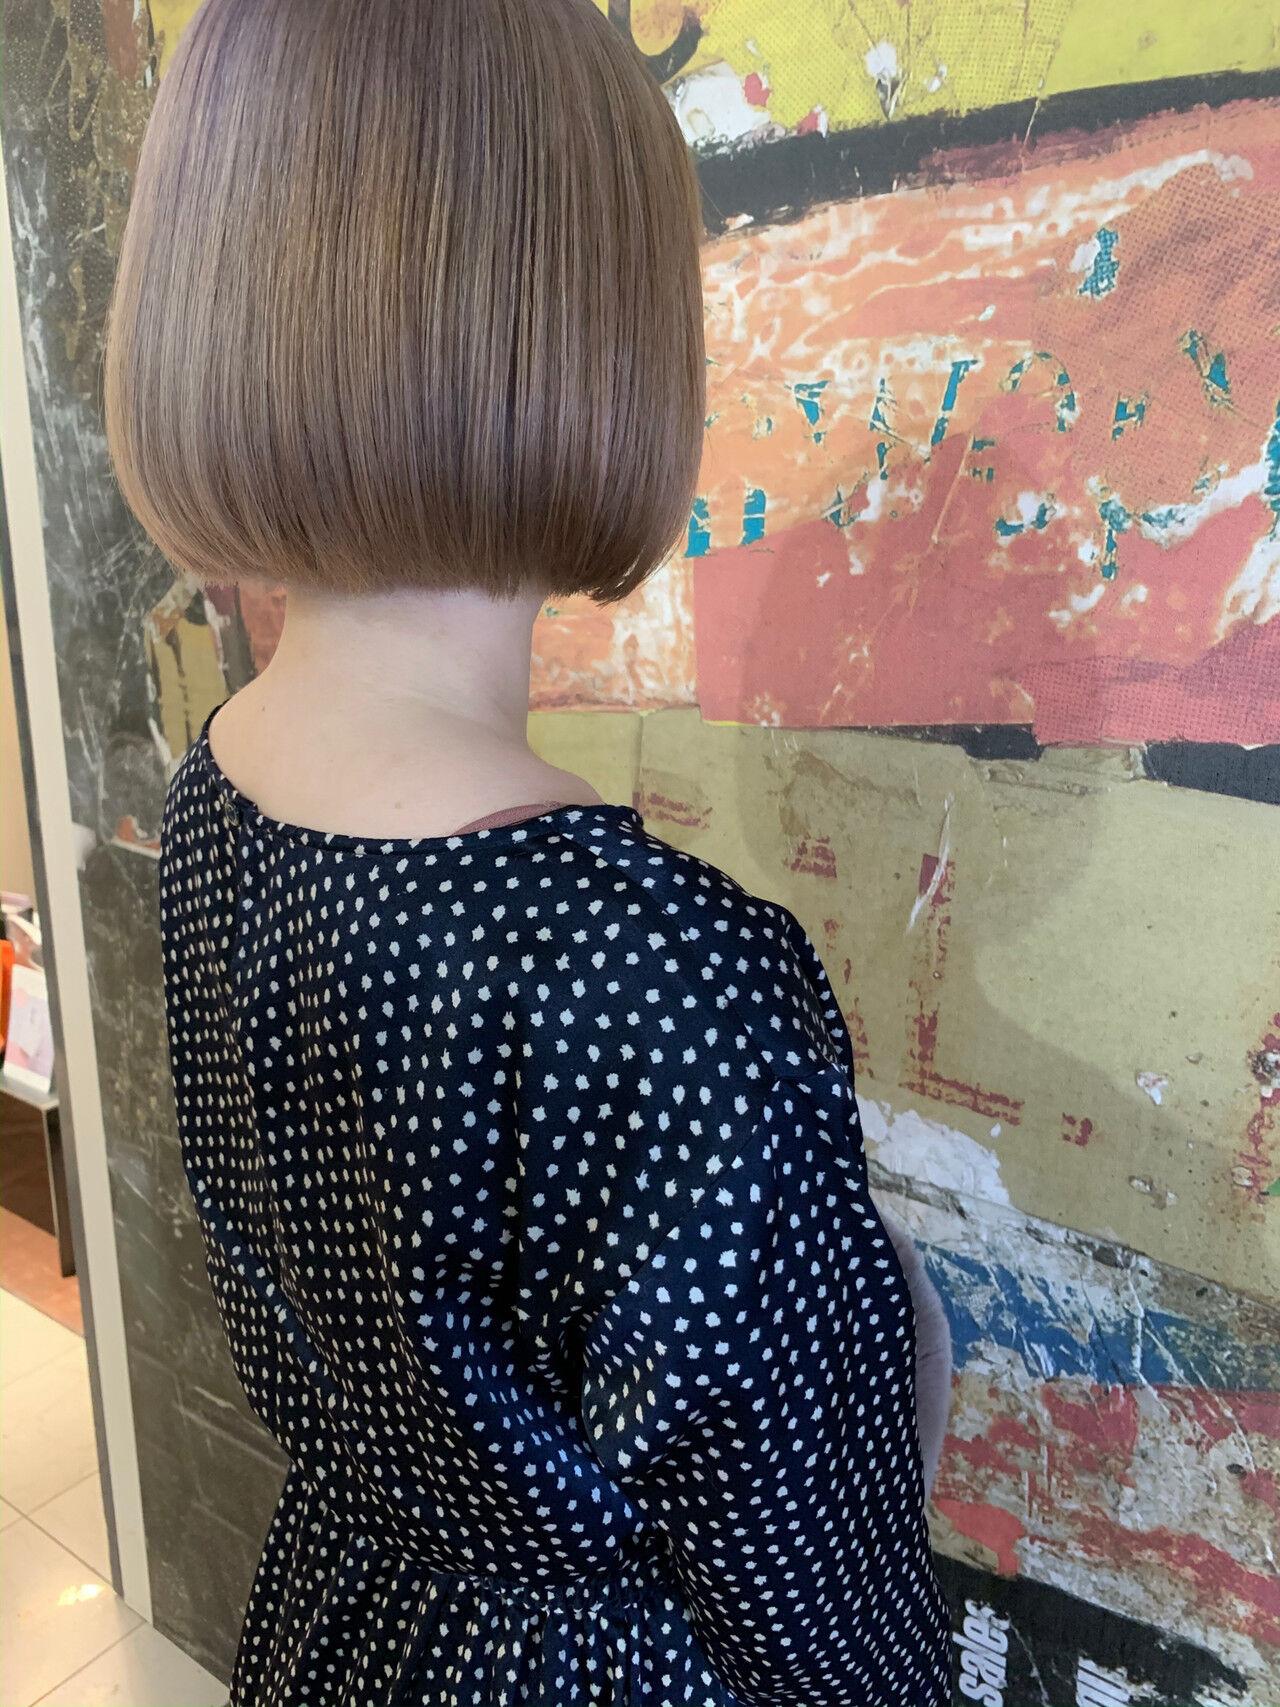 ミニボブ ボブ ショートボブ イルミナカラーヘアスタイルや髪型の写真・画像